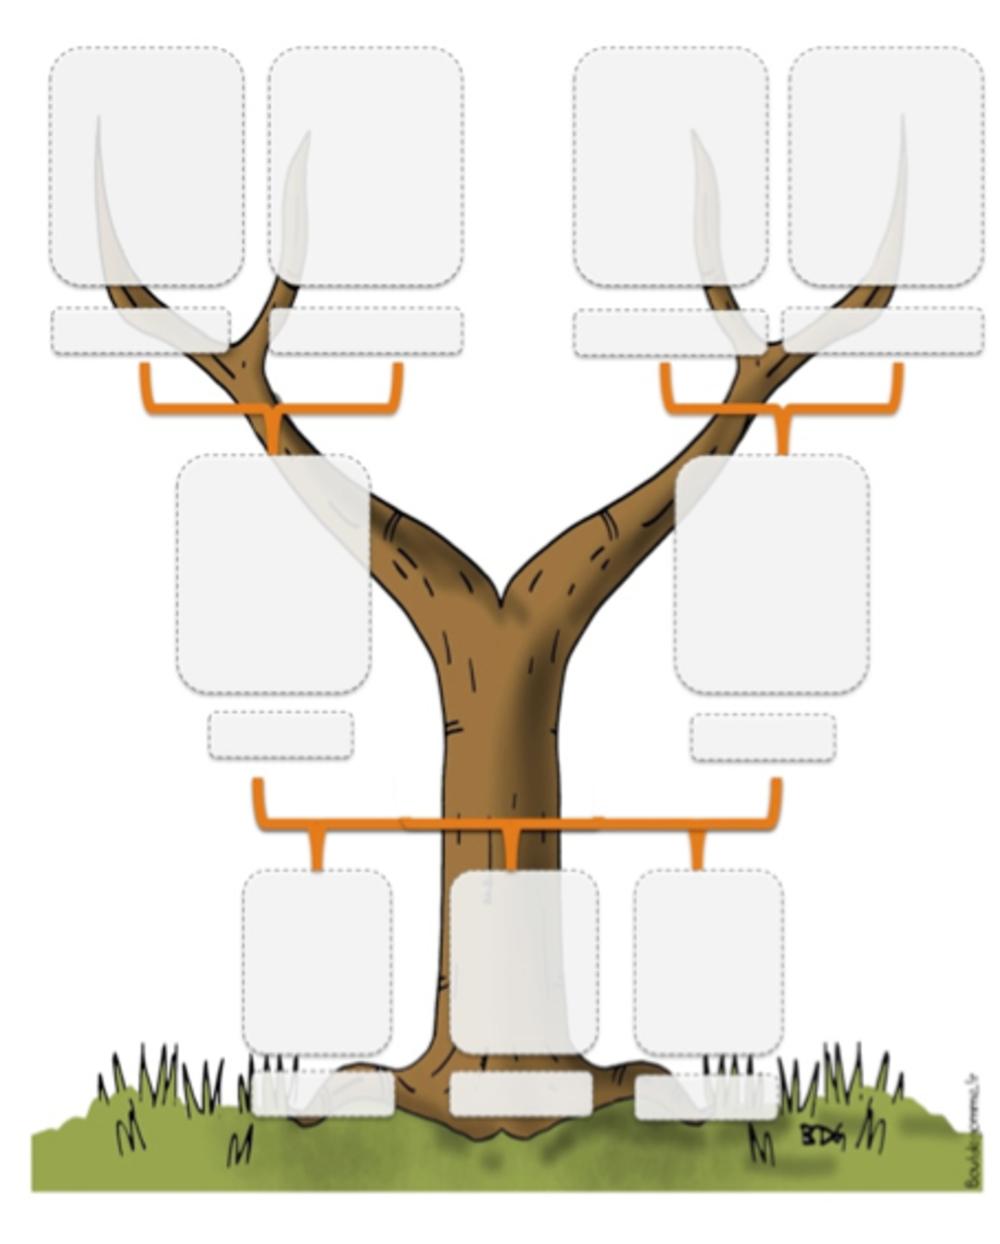 comment faire son arbre genealogique. Black Bedroom Furniture Sets. Home Design Ideas